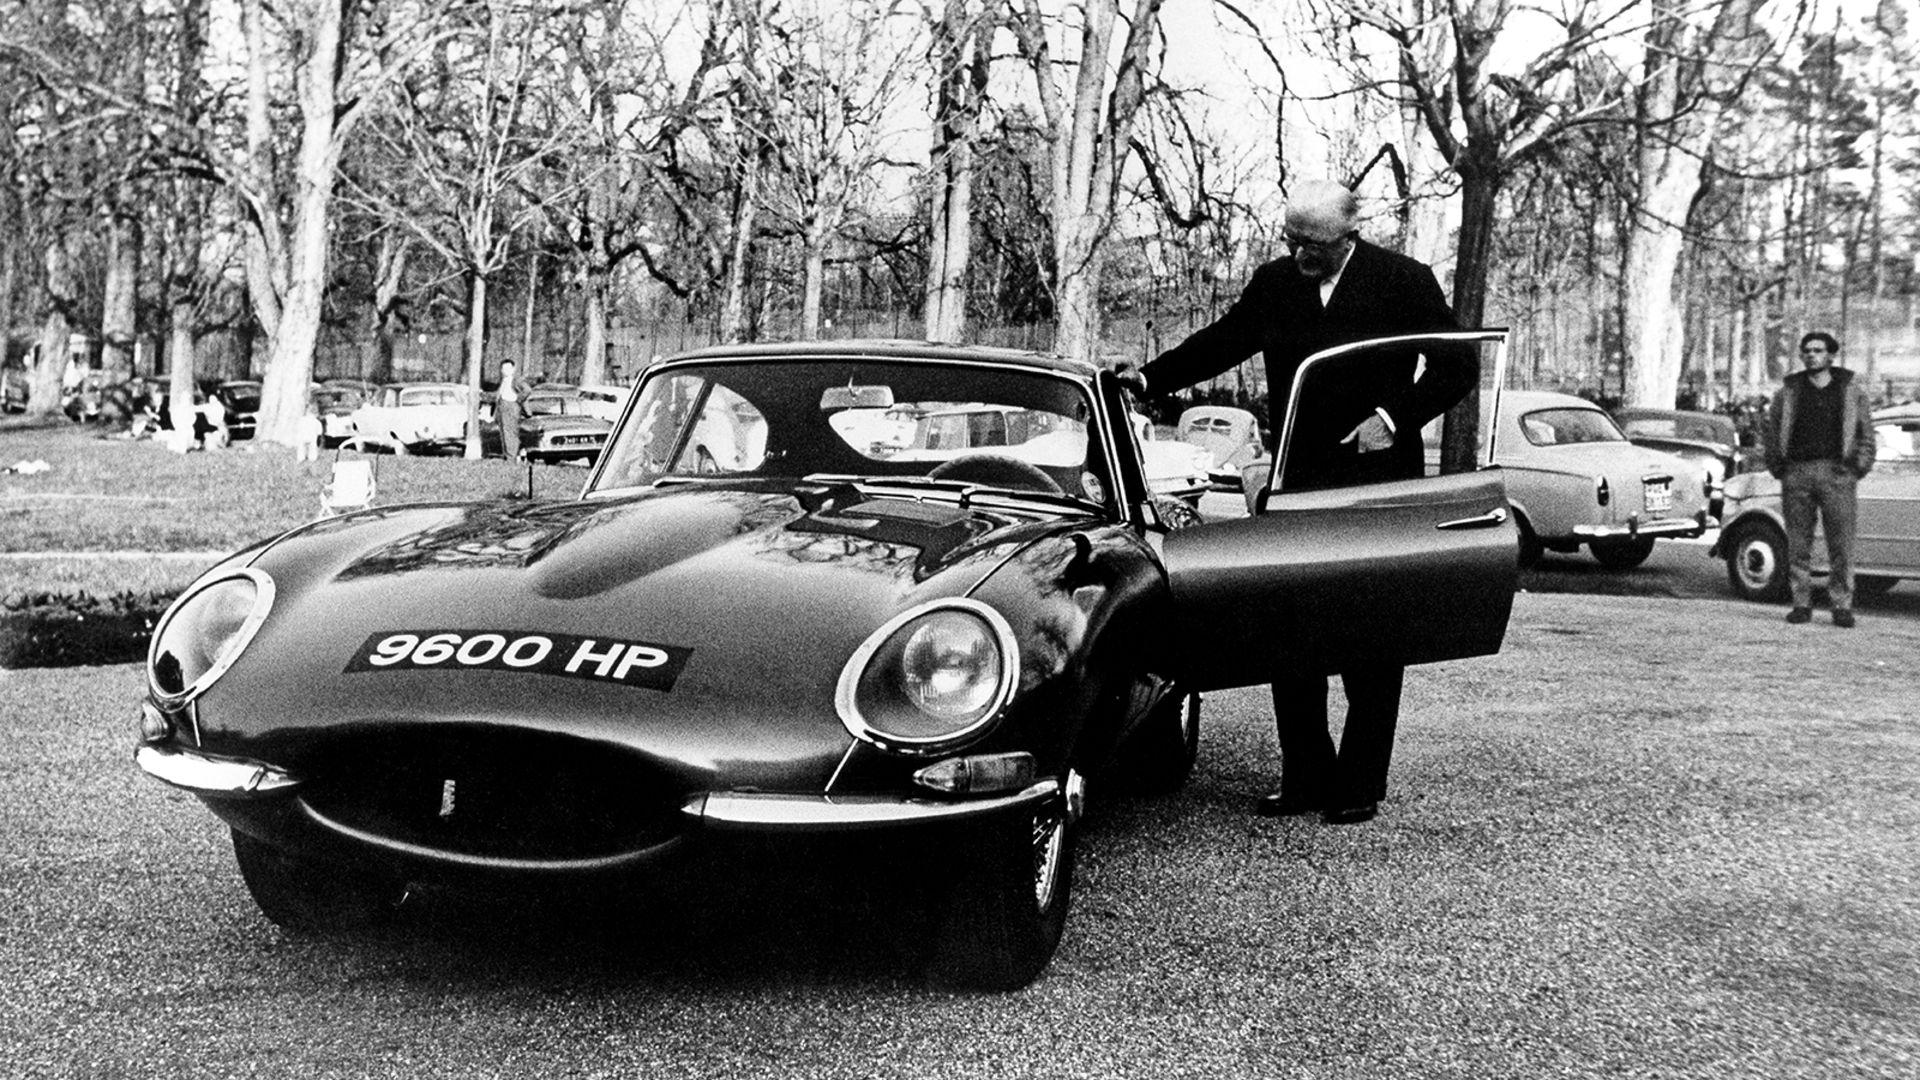 Jaguar E-Type '9600 HP'